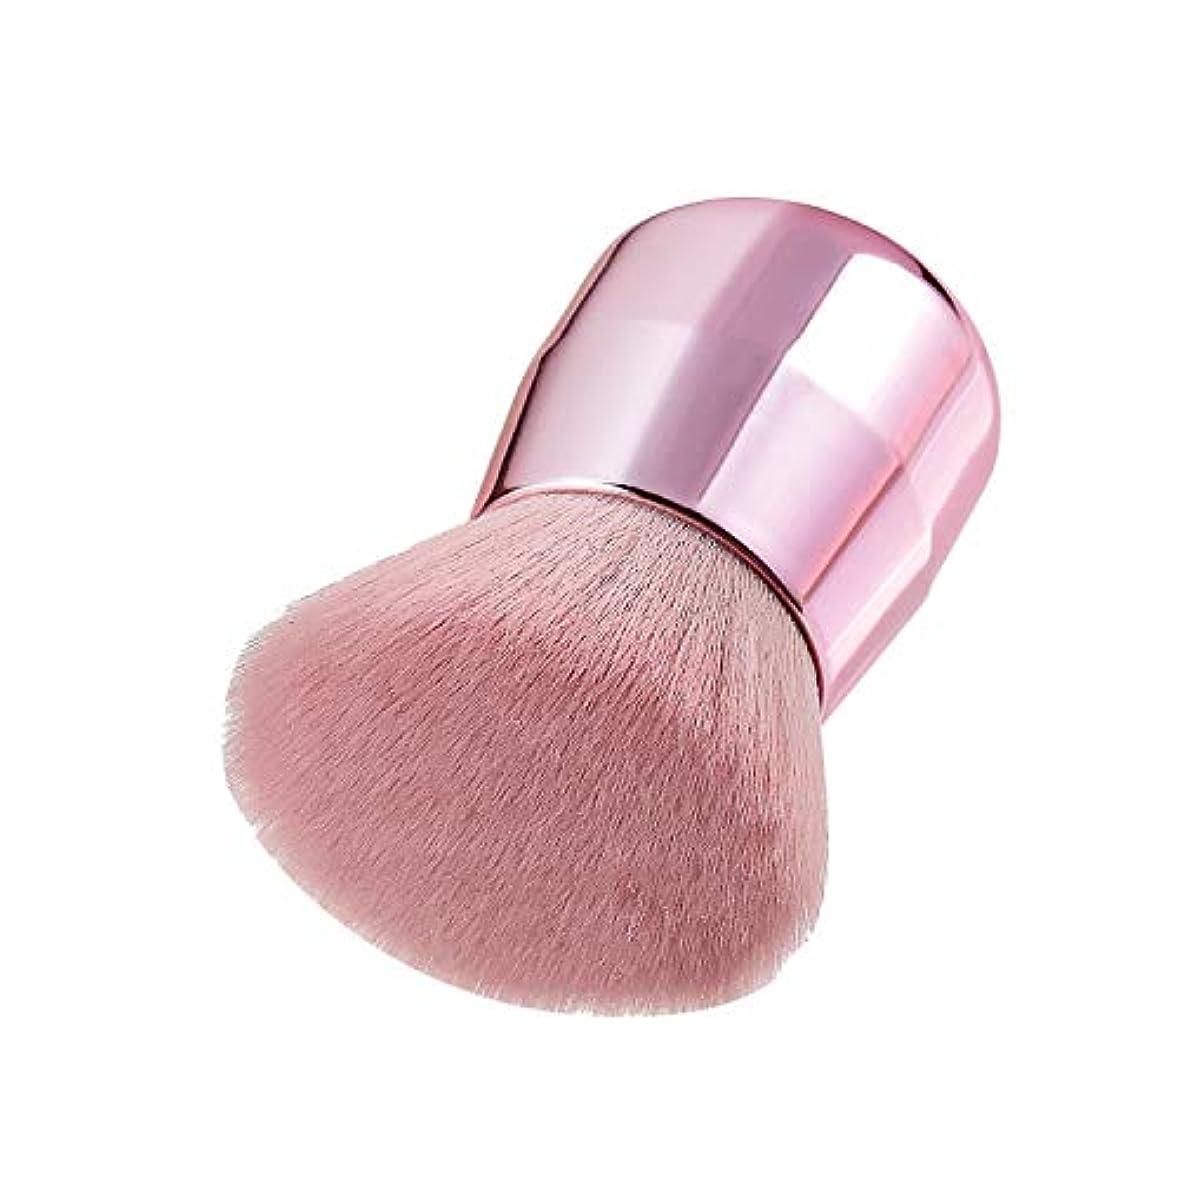 ランデブー適応防ぐMakeup brushes ピンクのティルティングパウダーブラシポータブル著名な化粧ブラシハニーパウダーブラシブラッシュブラシ suits (Color : Rose Gold)